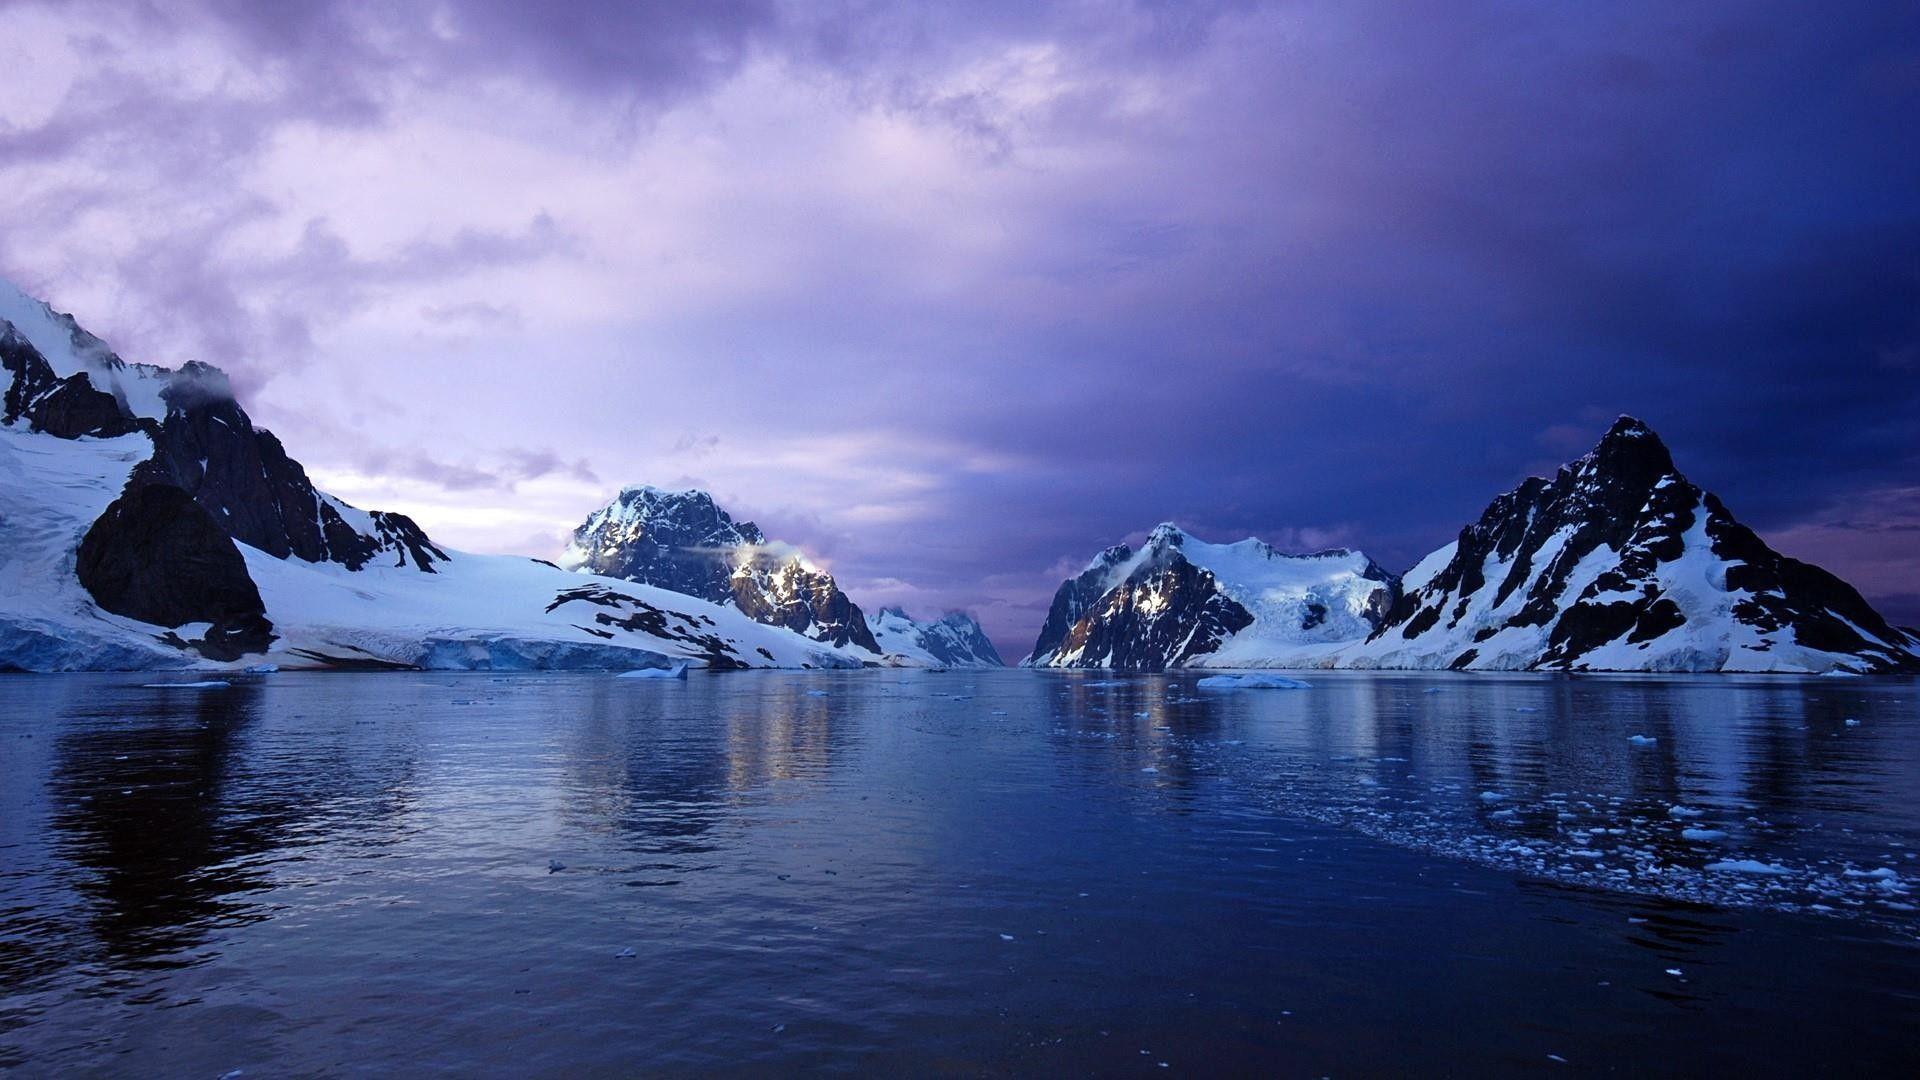 Antarctica Wallpapers   Top Antarctica Backgrounds 1920x1080